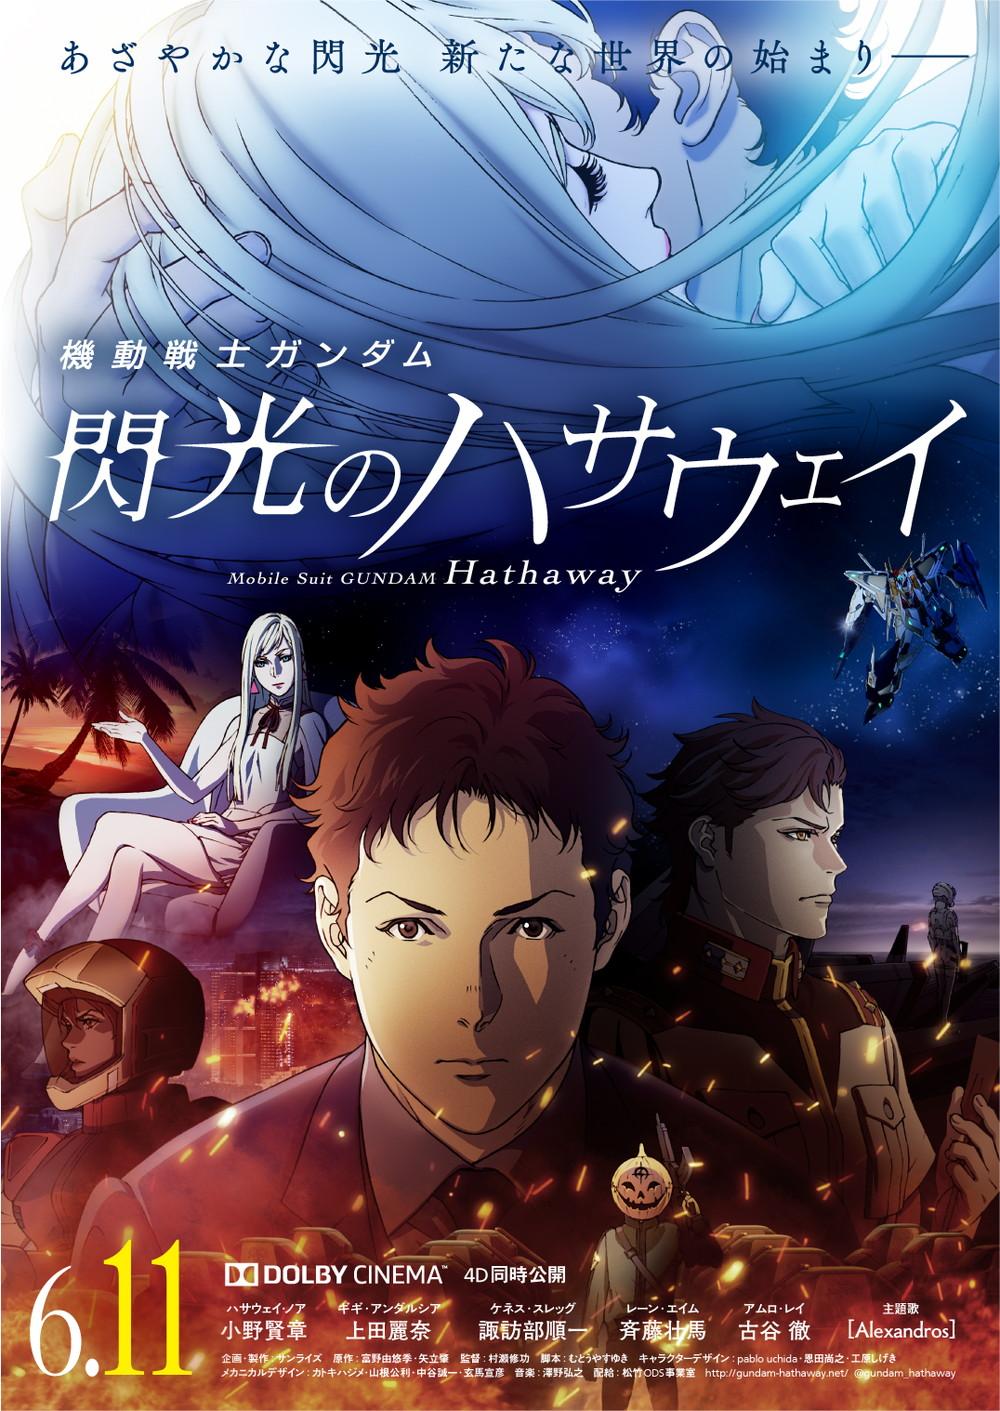 映画『機動戦士ガンダム 閃光のハサウェイ』